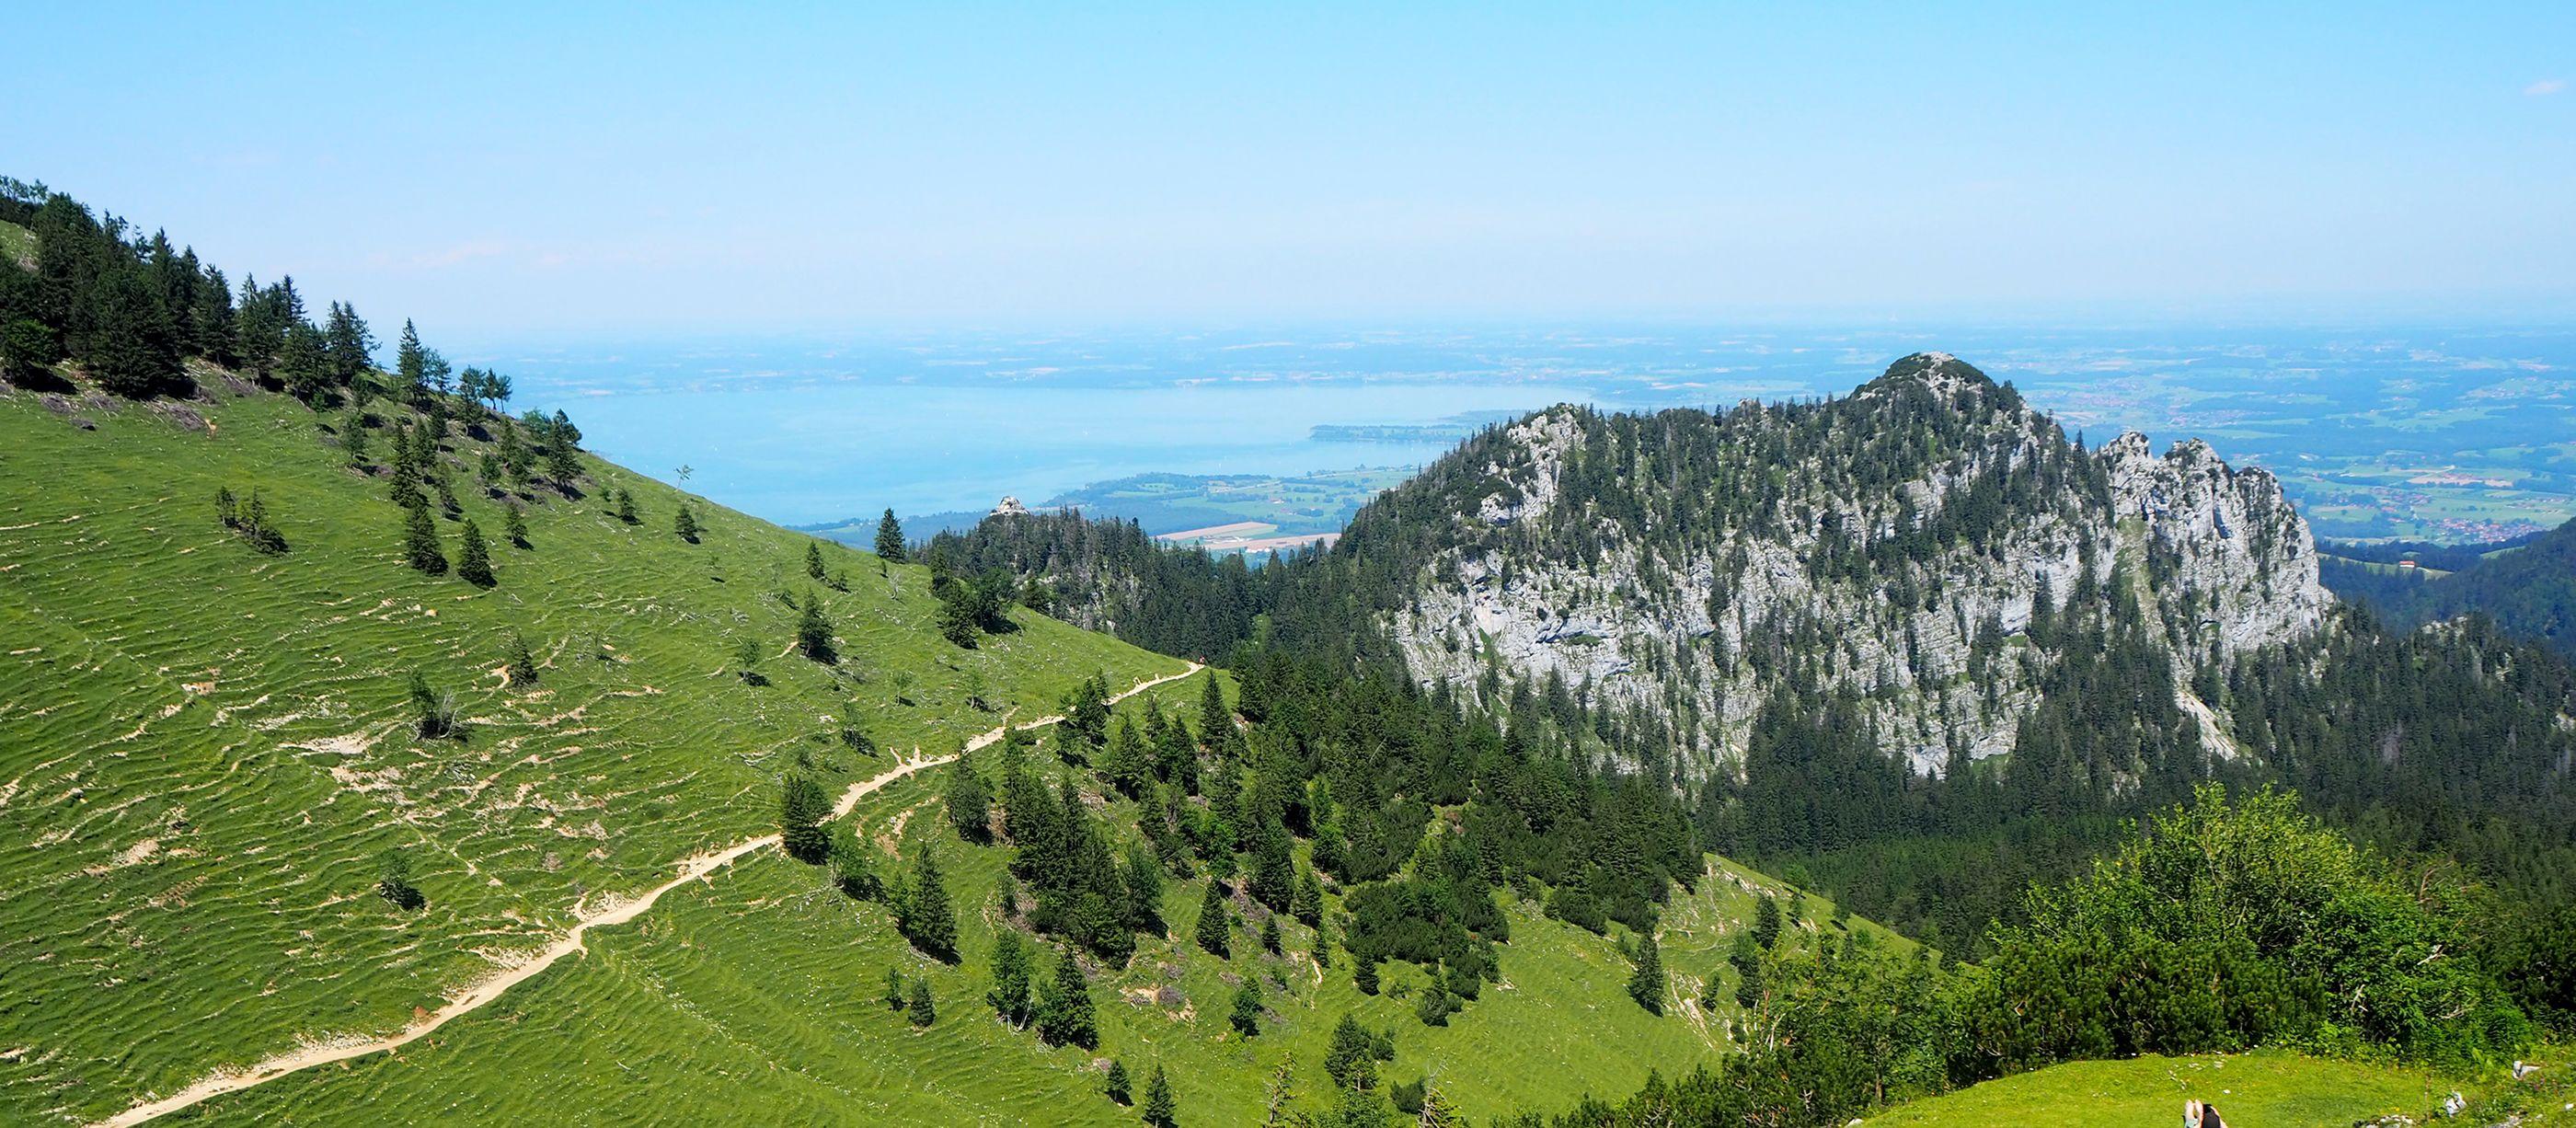 Traumhafter Ausblick auf den Chiemsee in Bayern